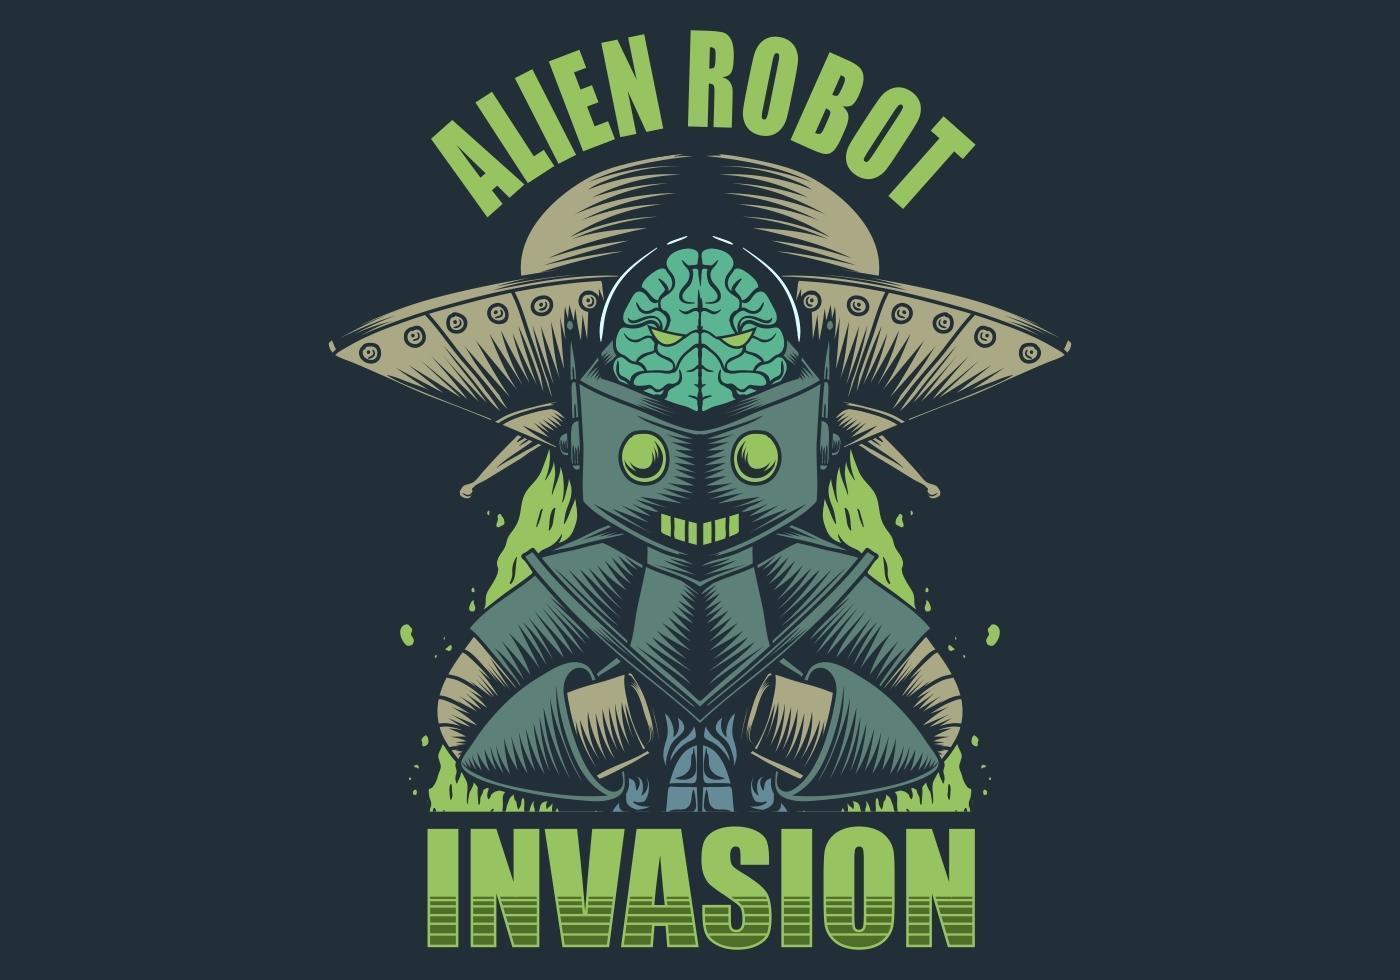 buitenaardse robot invasie illustratie vector